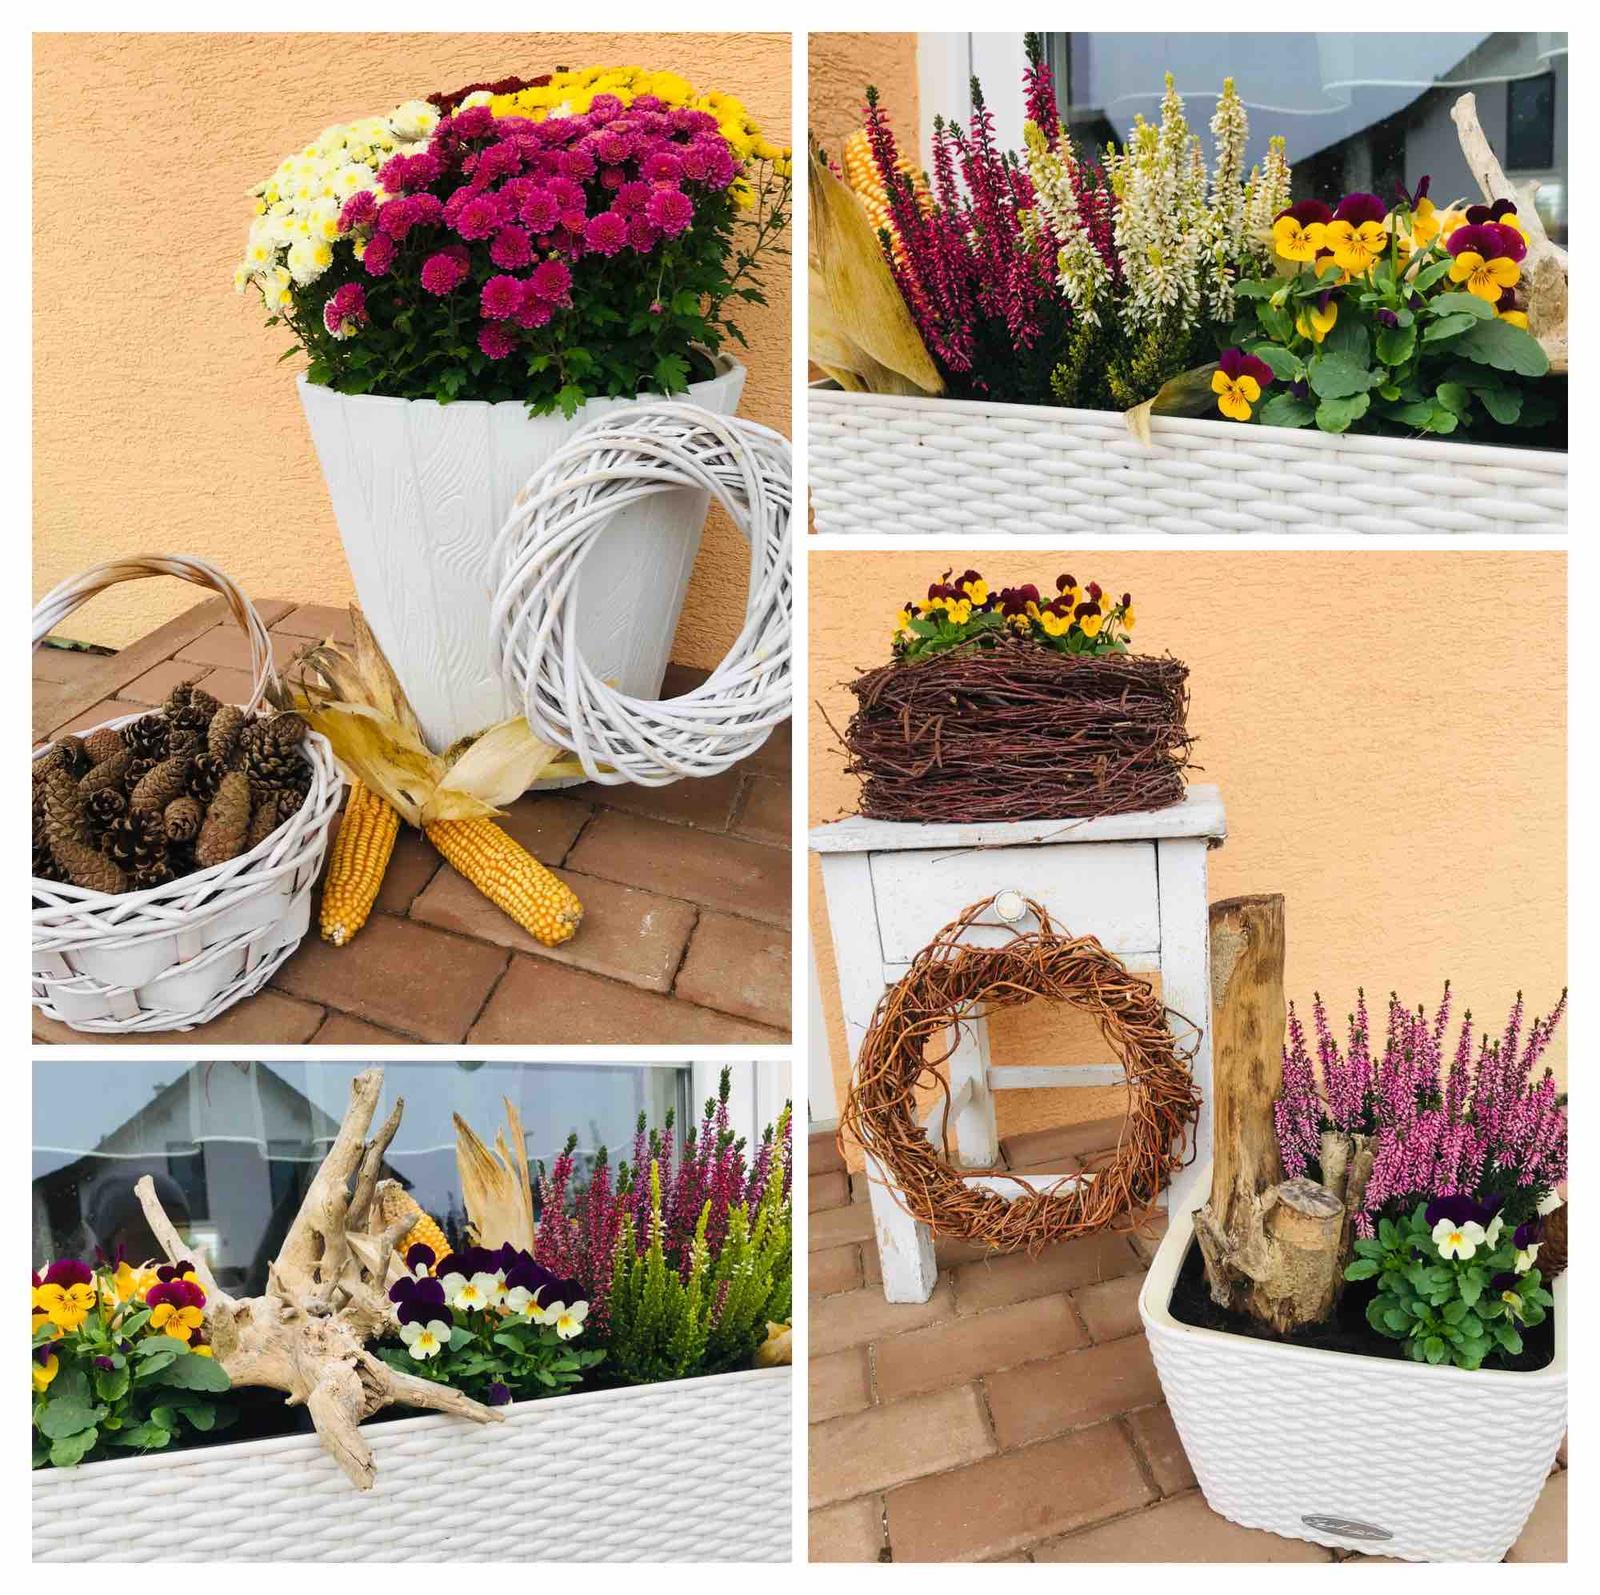 Naše barevná zahrada 🌸 - Macešky krásně kvetou, chryza otevřela poupata, doplněno jen kukuřicÍ a šiškami 🤗